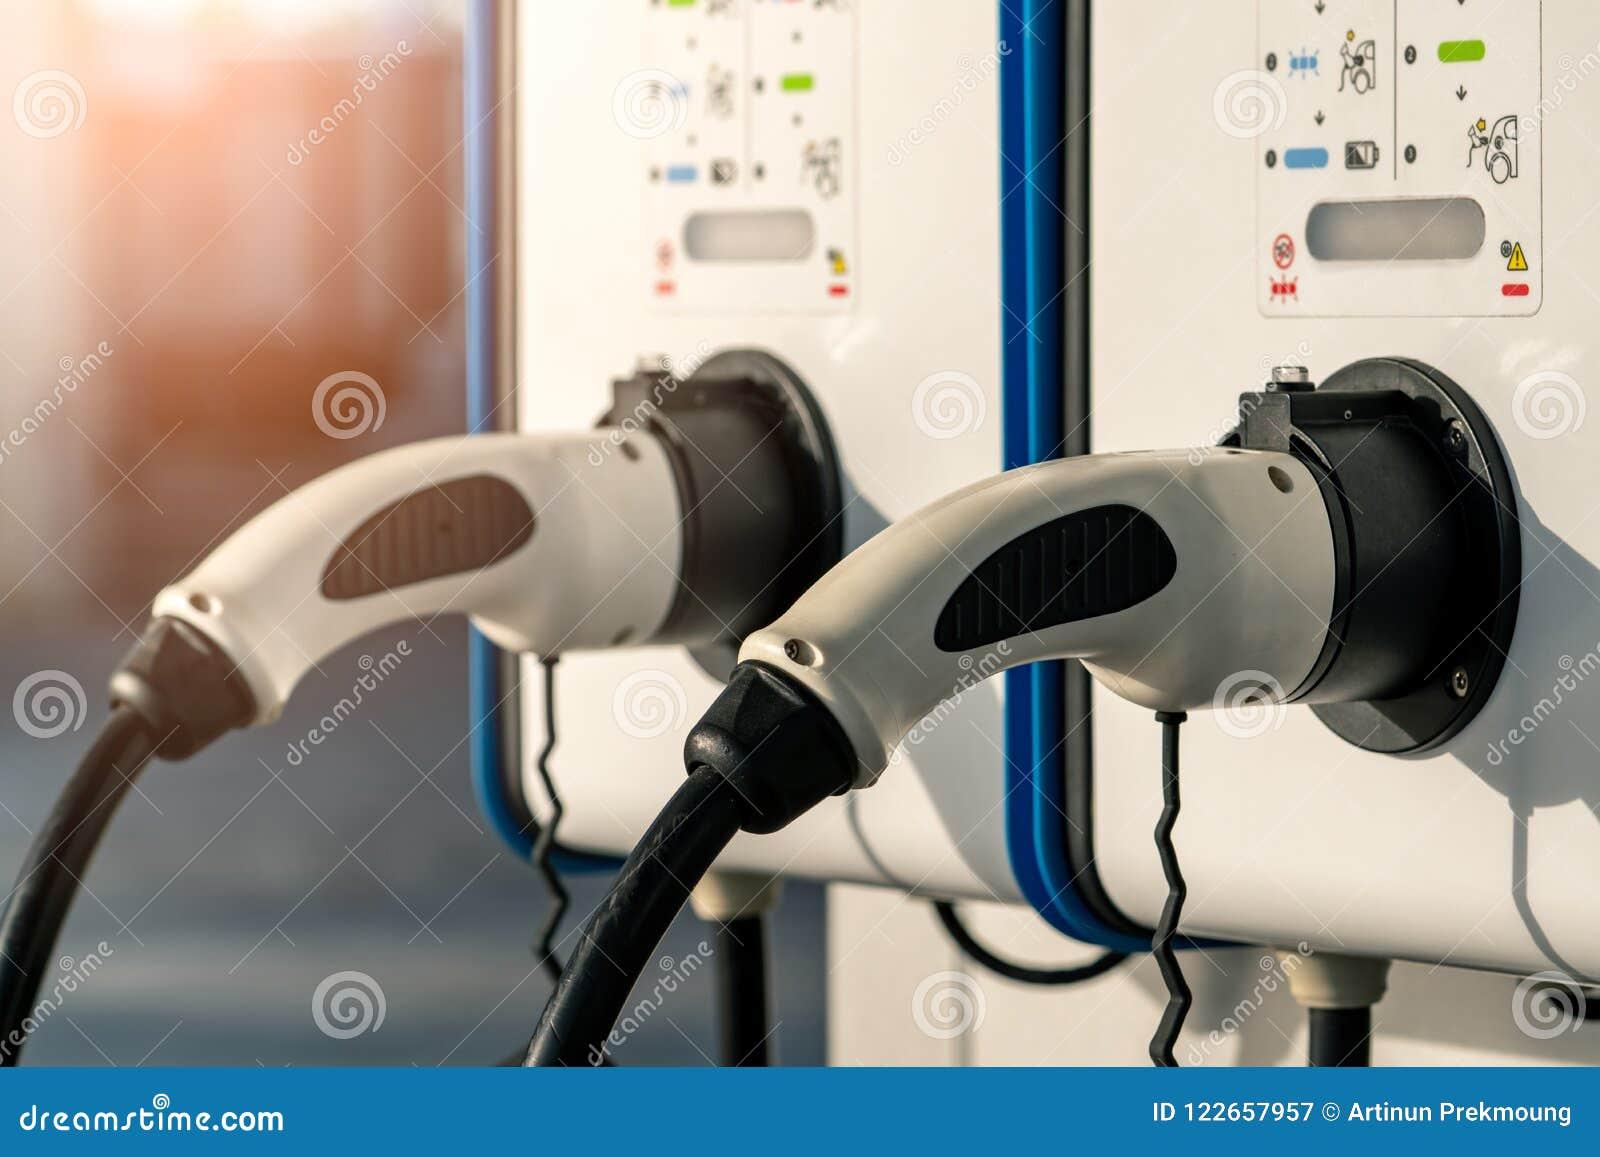 充电电岗位的汽车 车的插座有电动机的 投入硬币后自动操作的充电站 清洁能源力量